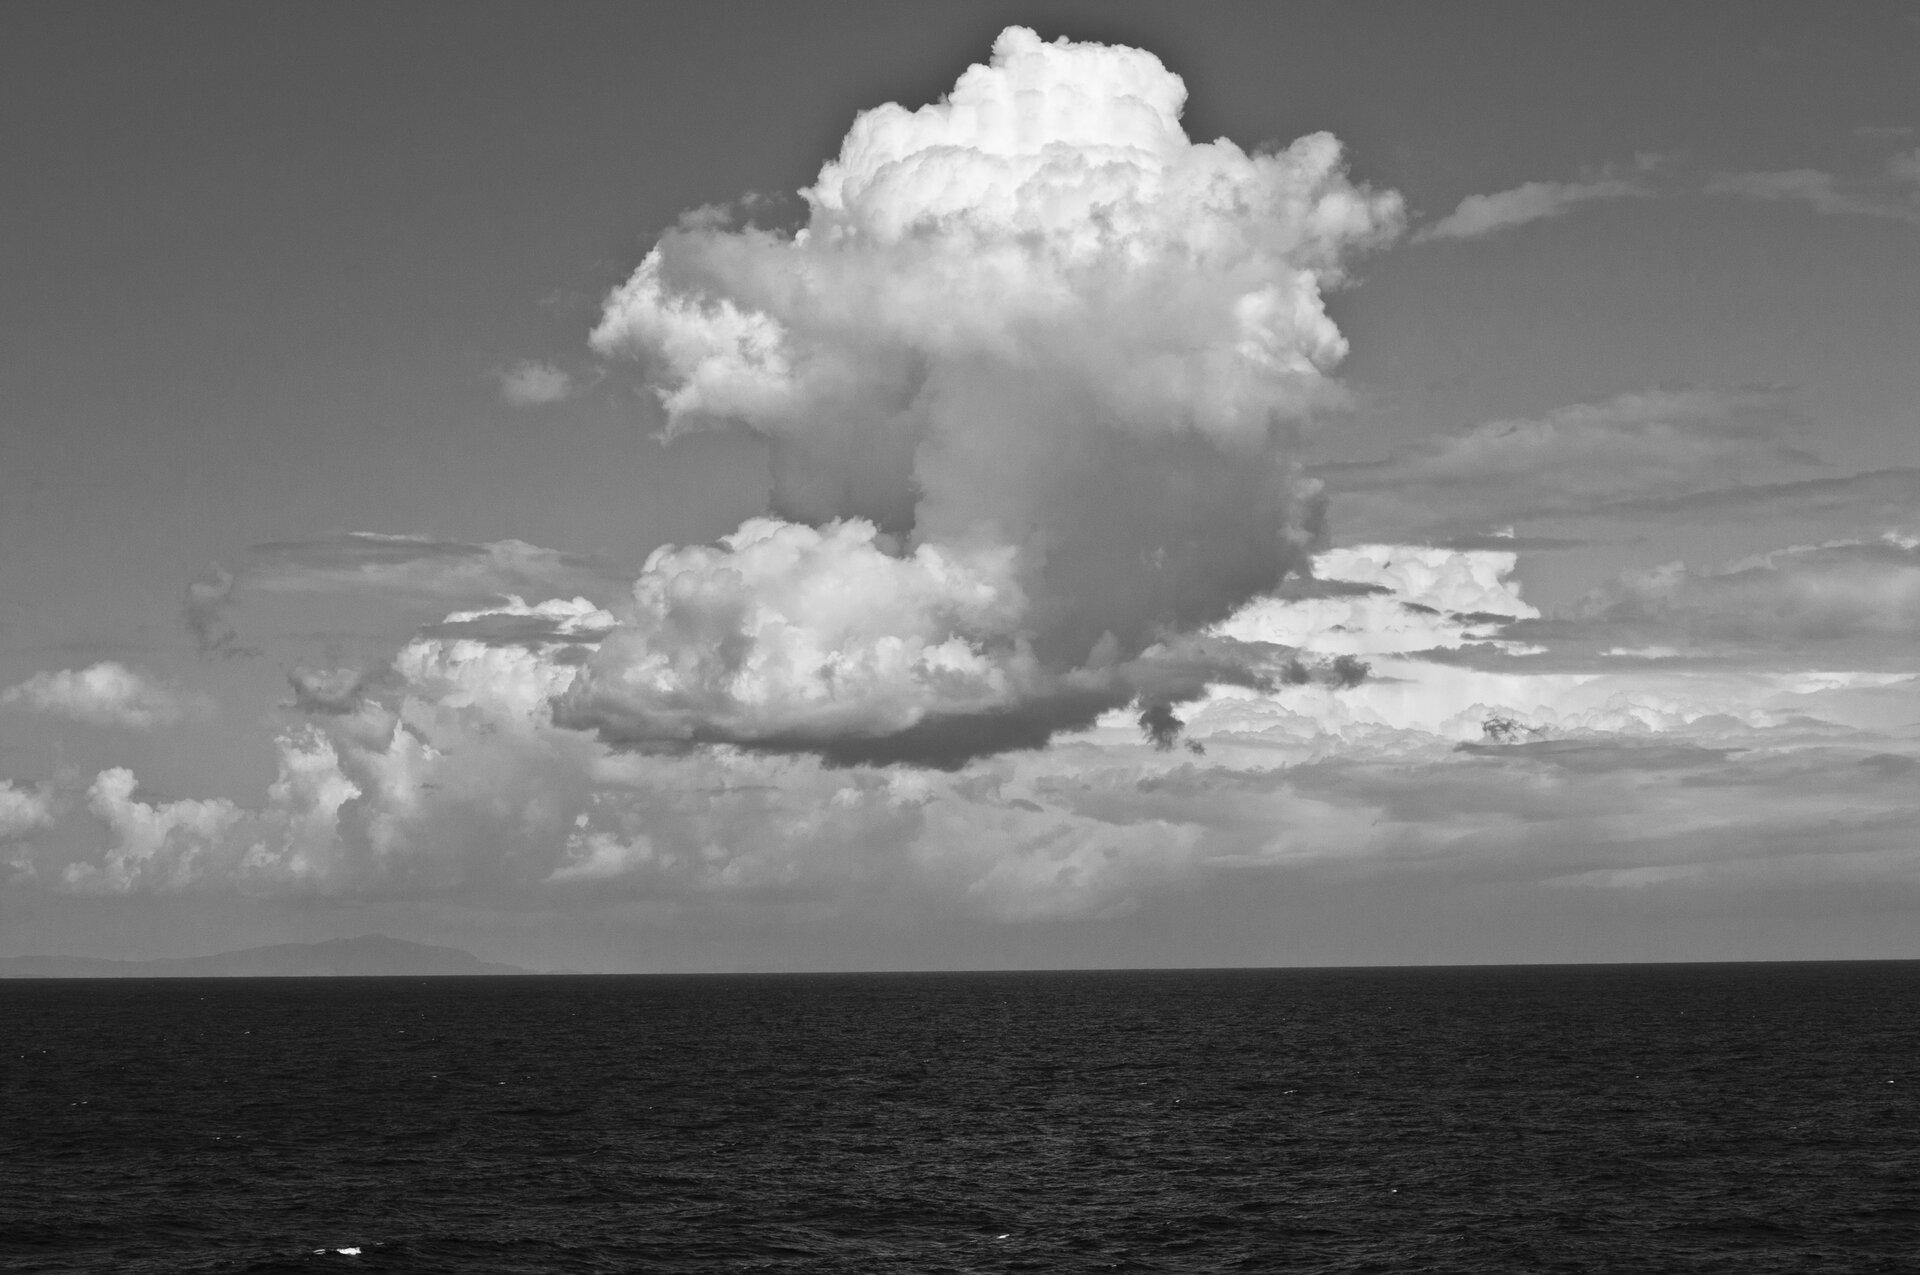 """Ilustracja przedstawia fotografię """"Niebo II"""" autorstwa Anny Koli. Czarno-białe zdjęcie ukazuje pejzaż morski. Wcentrum , na tle nieba unosi się duży obłok poszarpanej, białej chmury. Poniżej znajduje się wąski pas ciemnego, płaskiego morza. Nad horyzontem rysuje się szary kształt lądu. Praca skomponowana jest statycznie."""